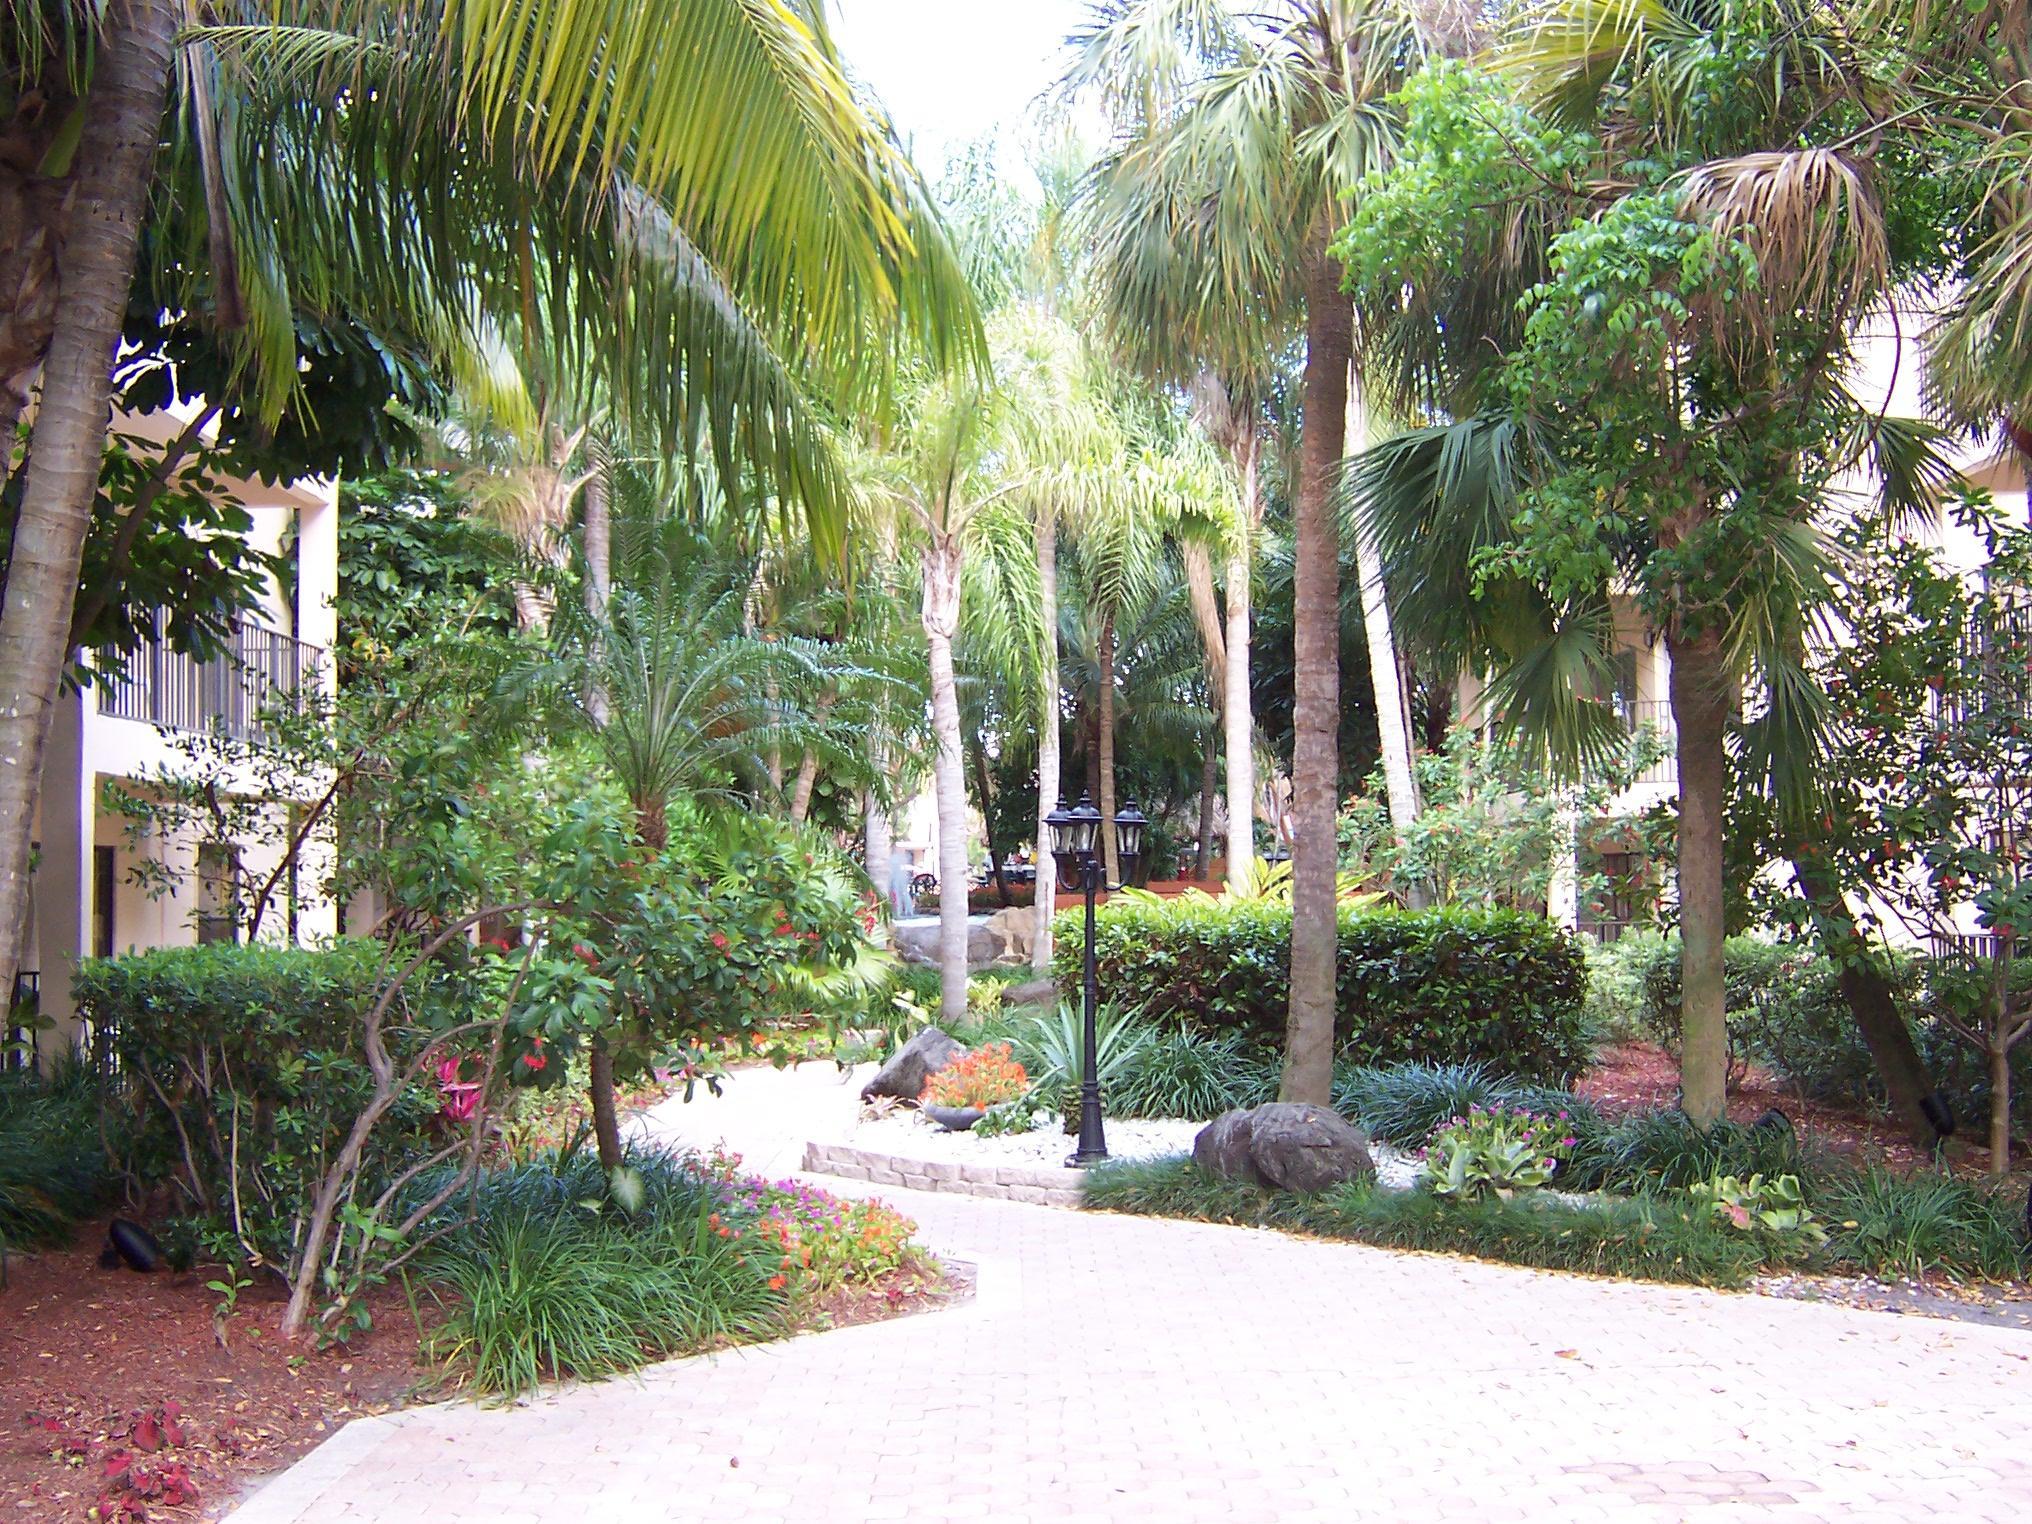 De lujo Wyndham Mar jardines jurel Beach FL 2 dormitorios 27 de mayo ...